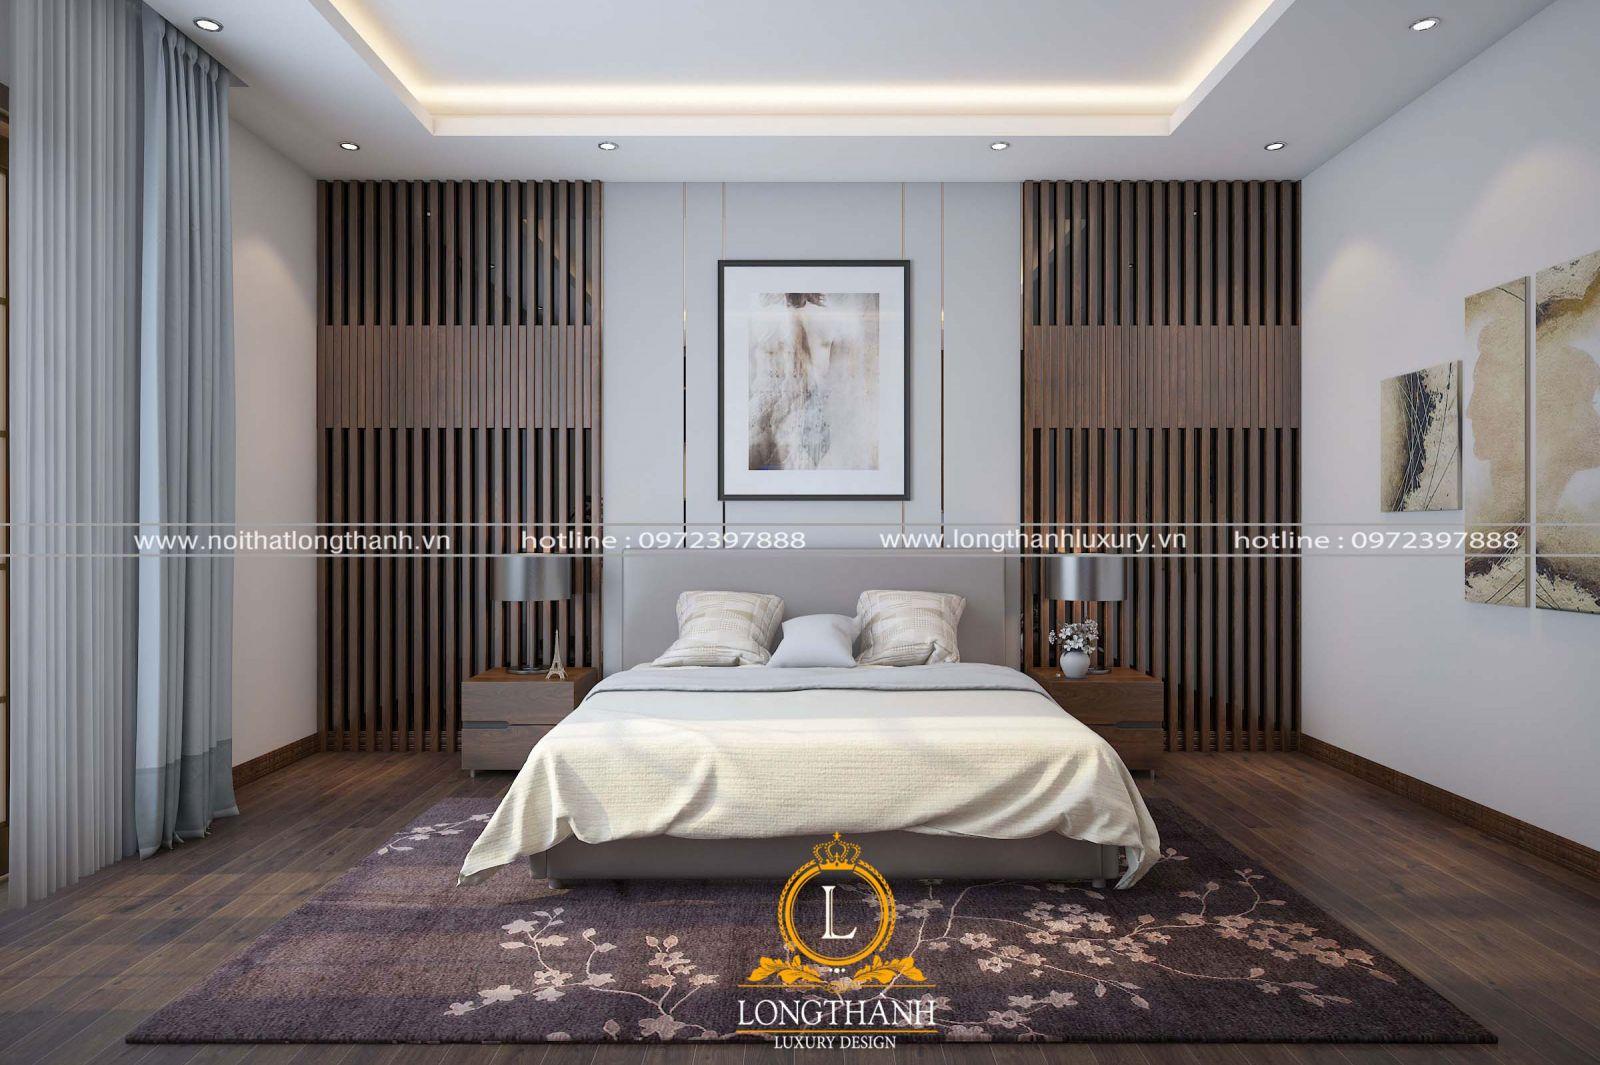 Phòng ngủ cao cấp được kết hợp hài hòa màu sắc của các sản phẩm trong cùng không gian